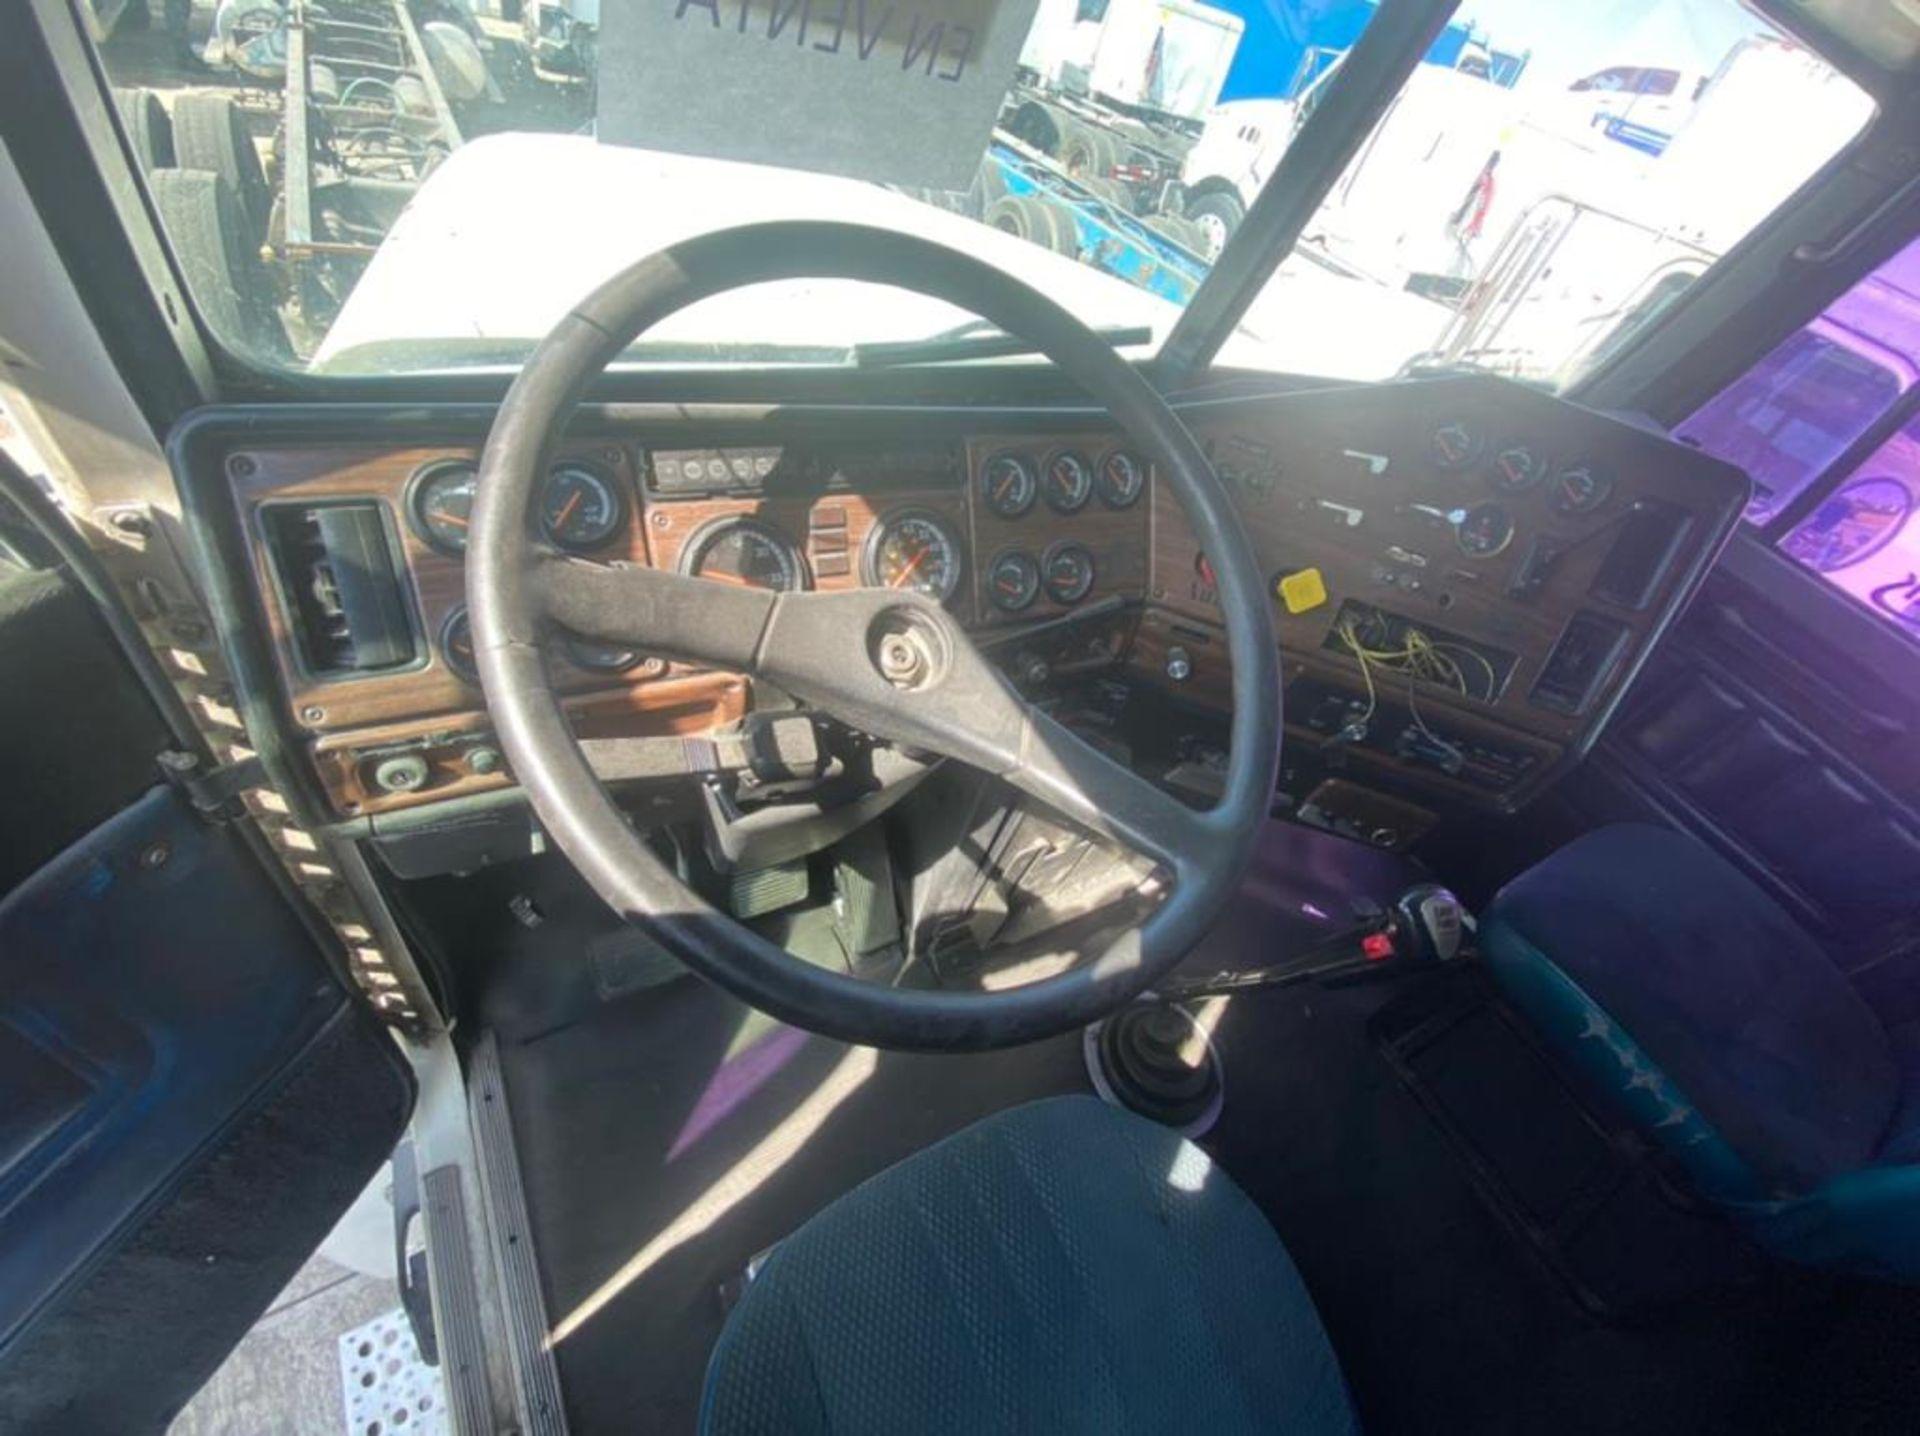 Tractocamión Marca FREIGHTLINER Fld-120, Modelo 1998 - Image 25 of 34